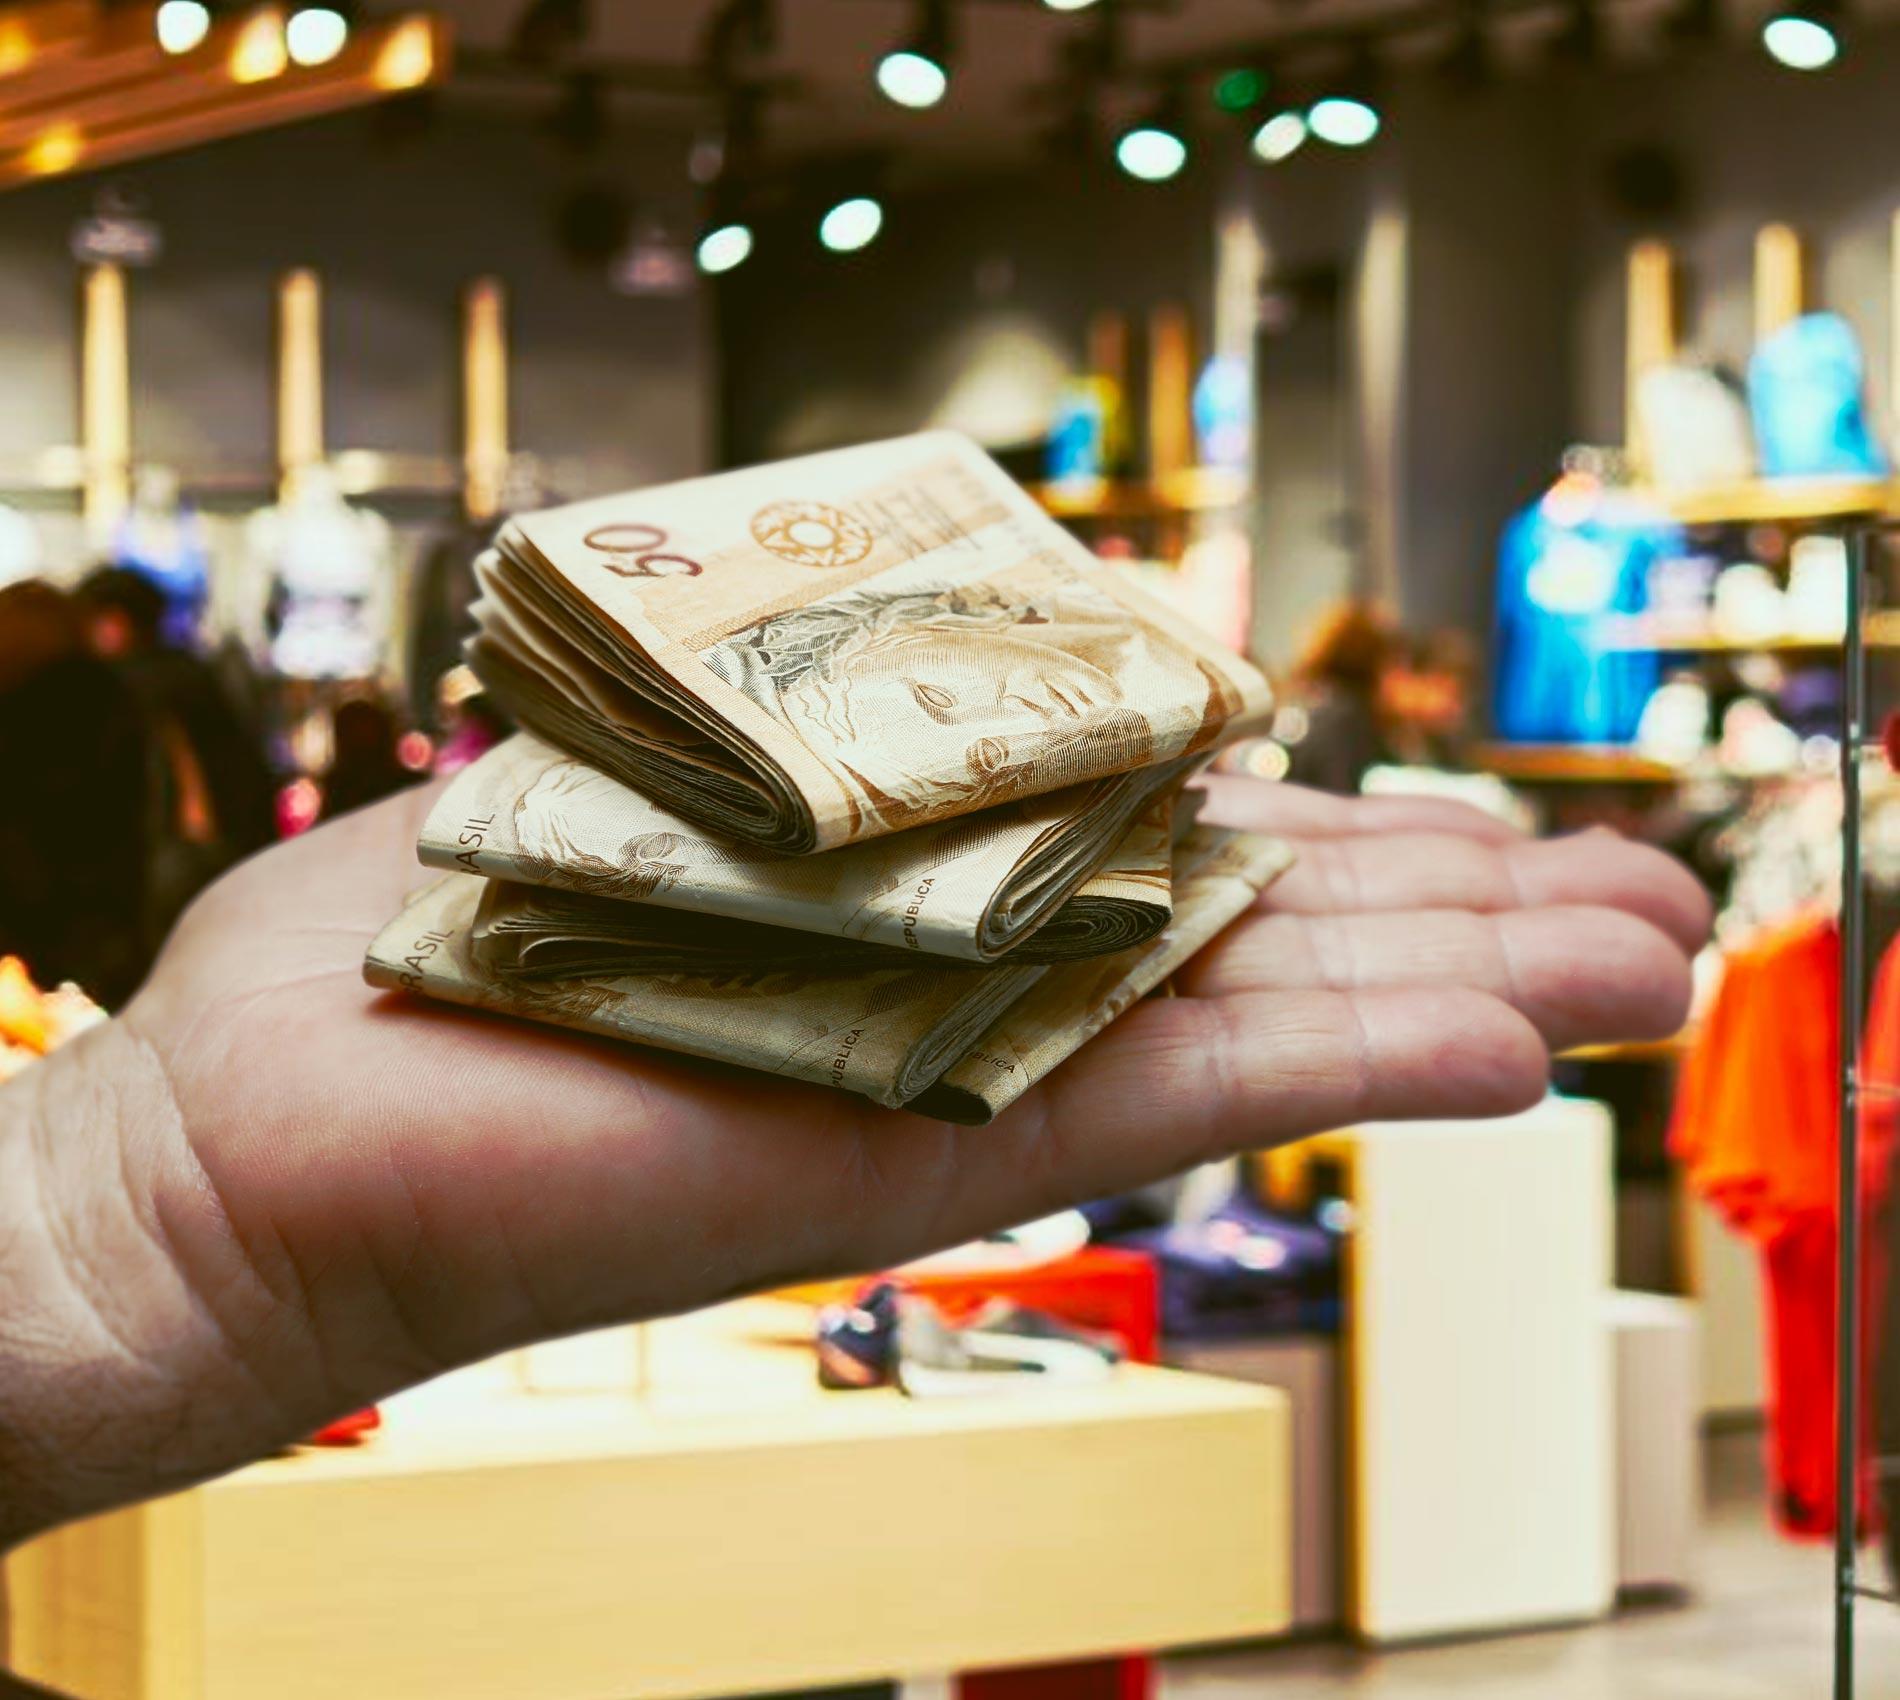 Dinheiro é o principal método de pagamento para mais de 70% dos brasileiros